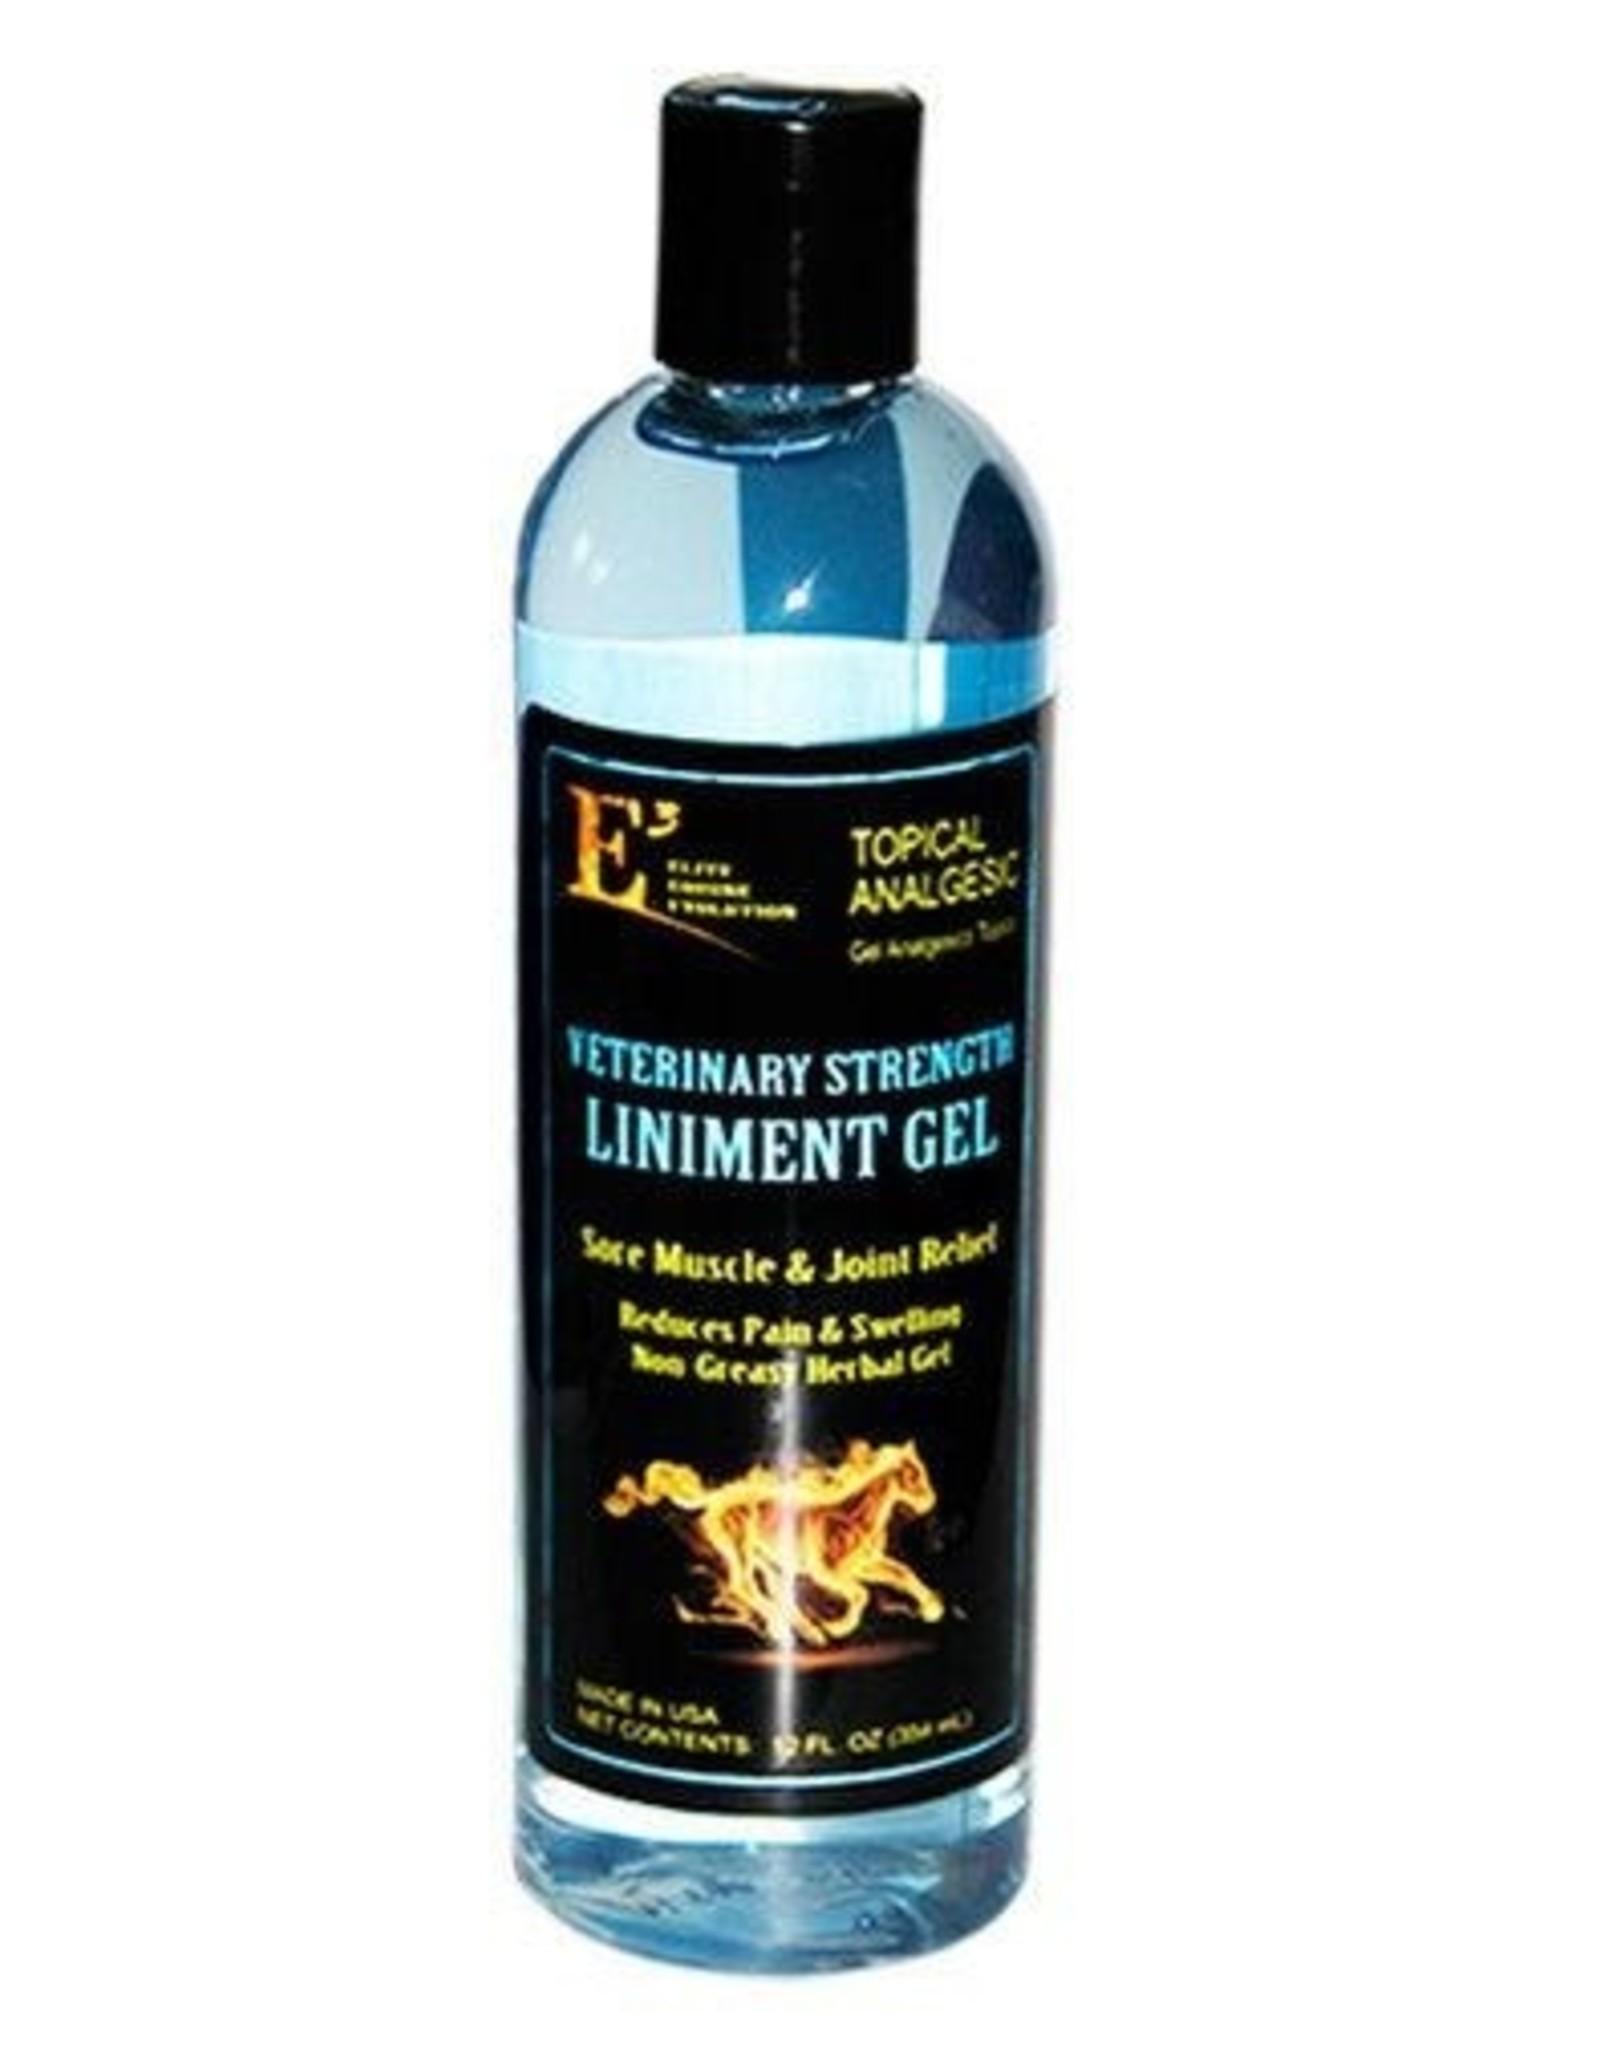 E3 Veterinary Strength Liniment Gel - 12oz